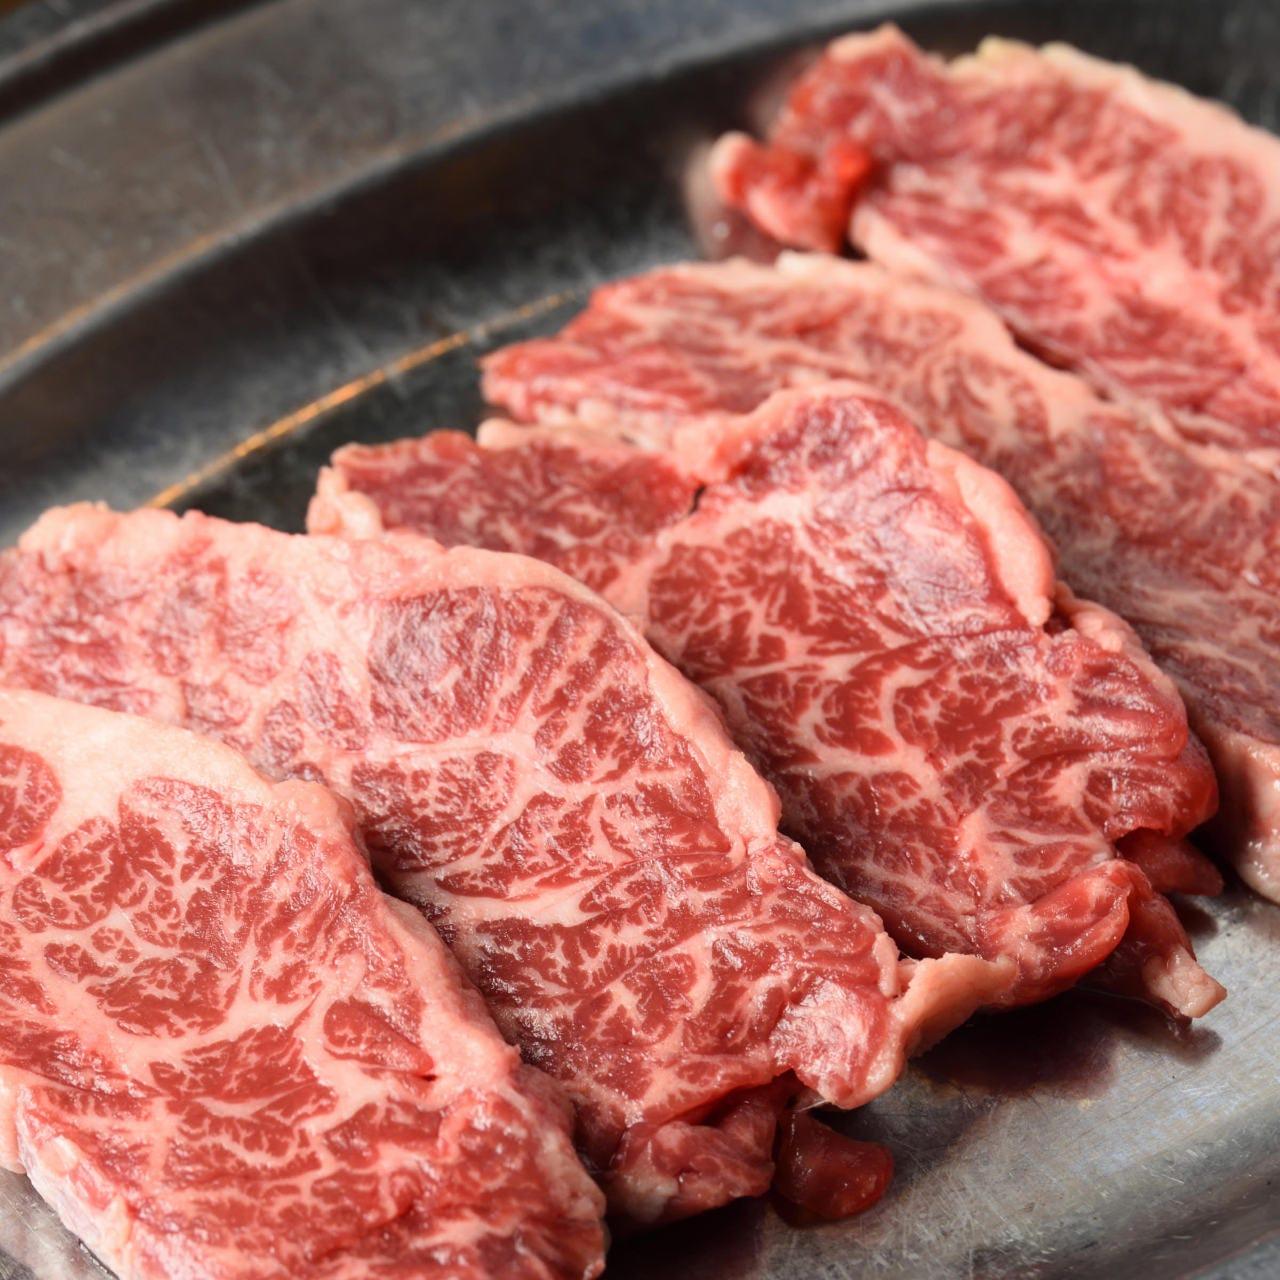 上質な甘みのある赤身肉